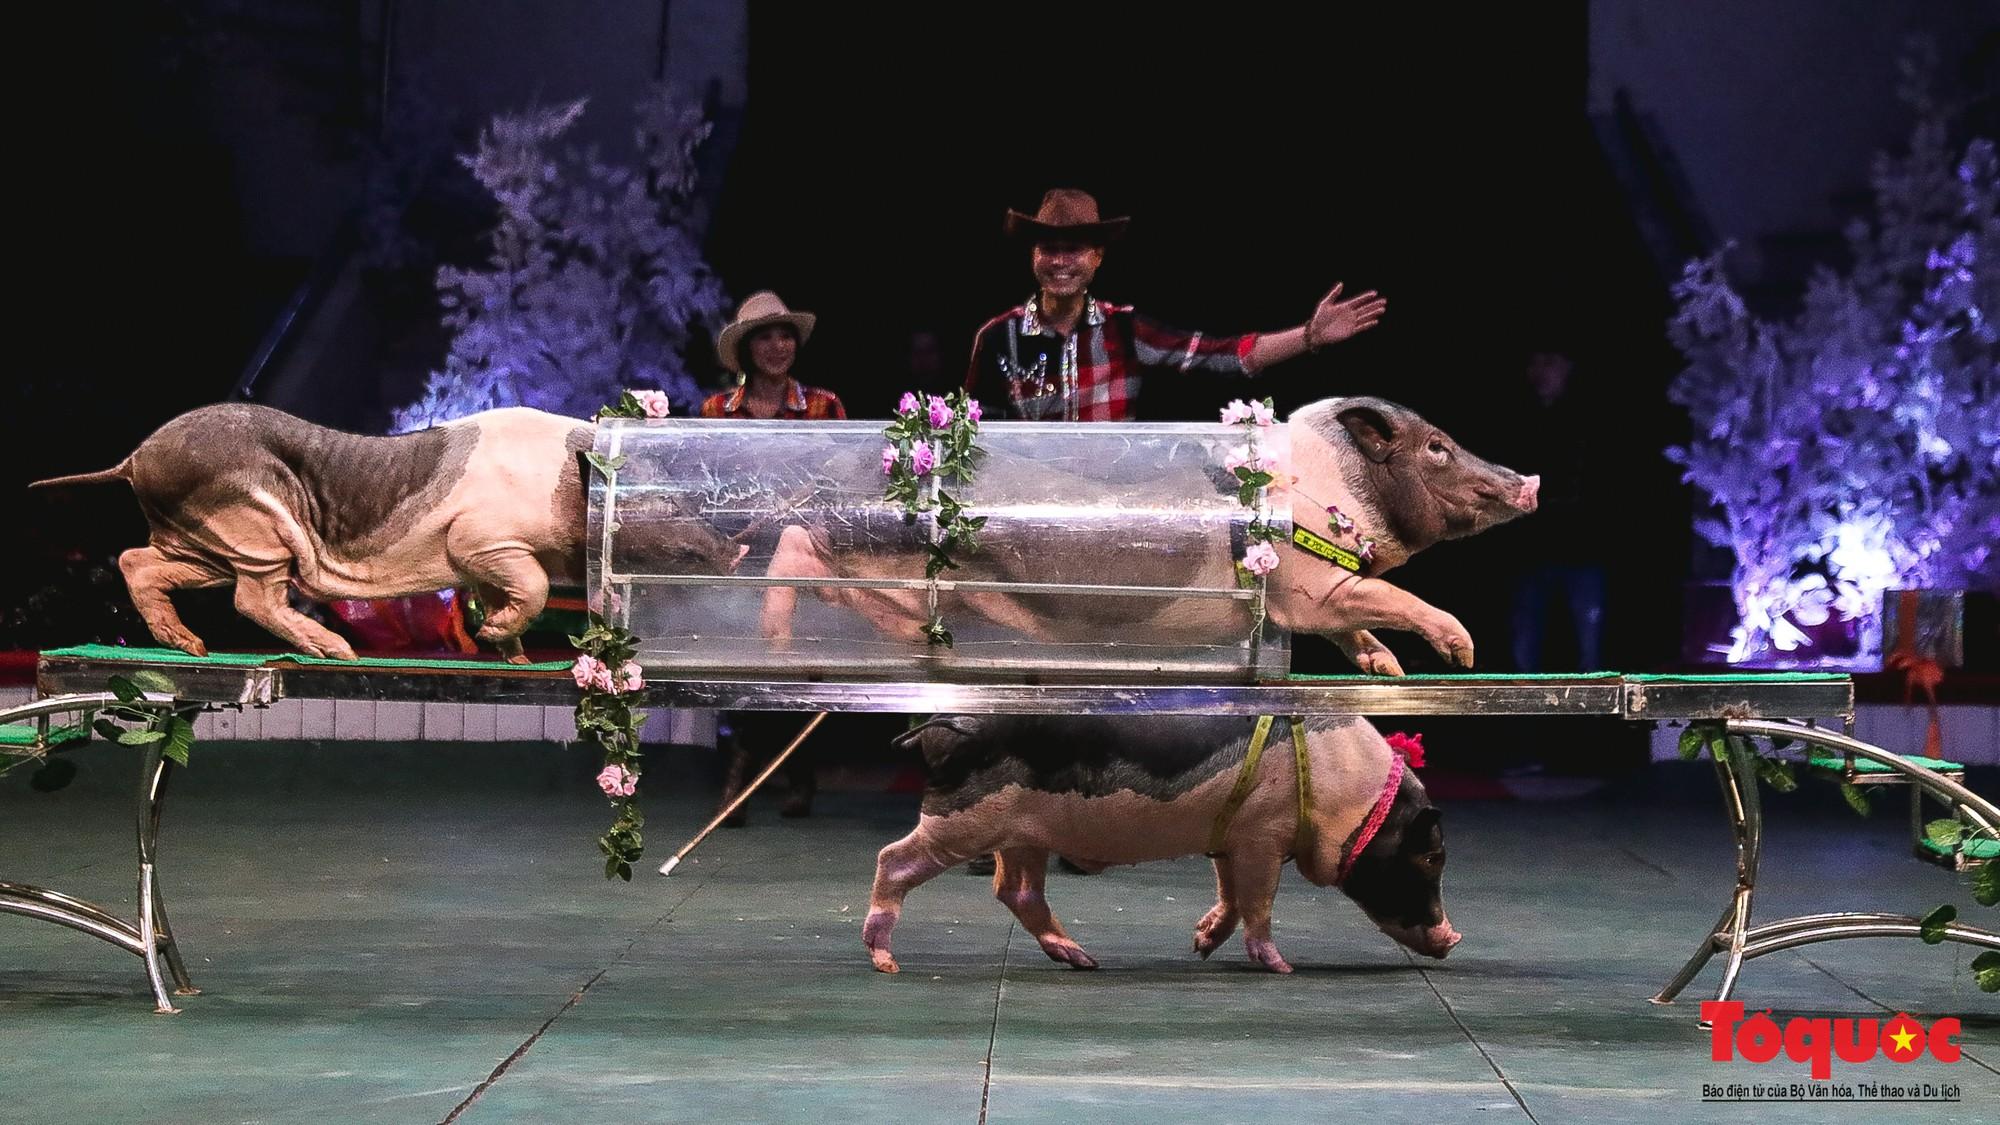 Năm Kỷ Hợi: Cùng khám phá nơi huấn luyện xiếc lợn đầu tiên của Việt Nam - Ảnh 15.